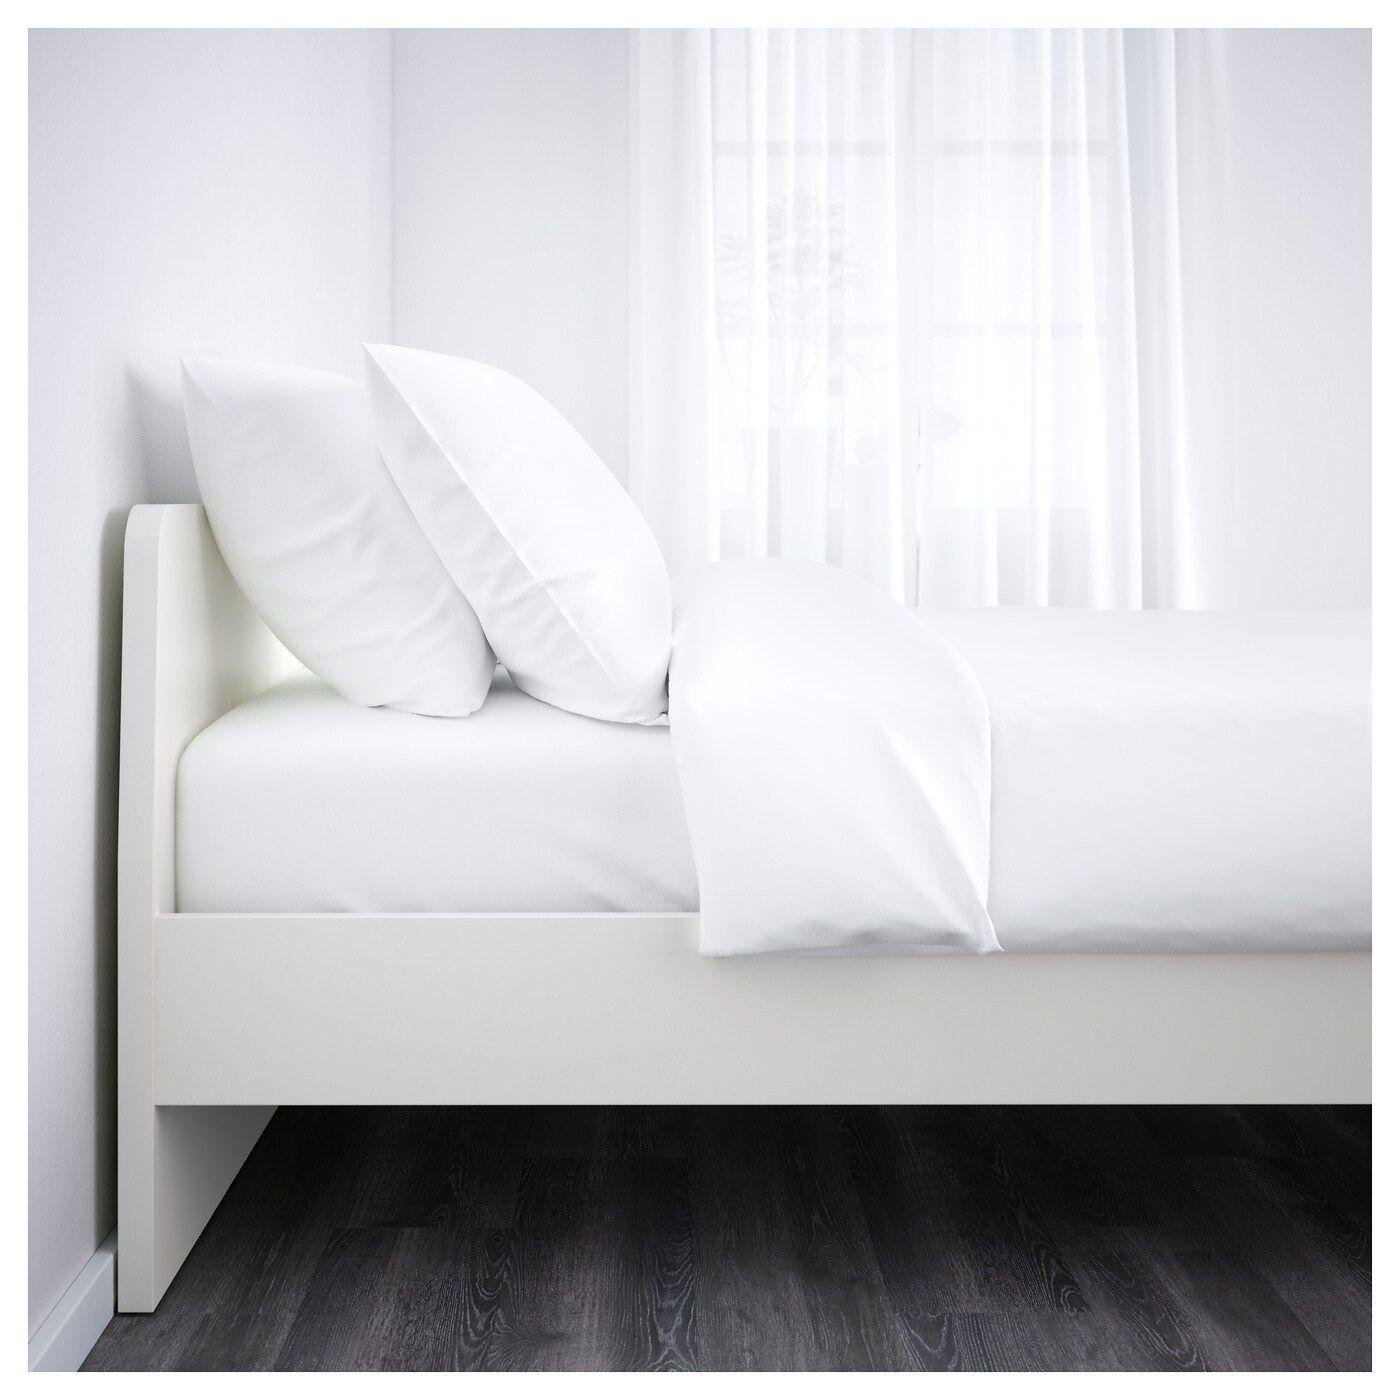 Askvoll Bettgestell Weiss Leirsund Bettgestell Ikea Hemnes Bett